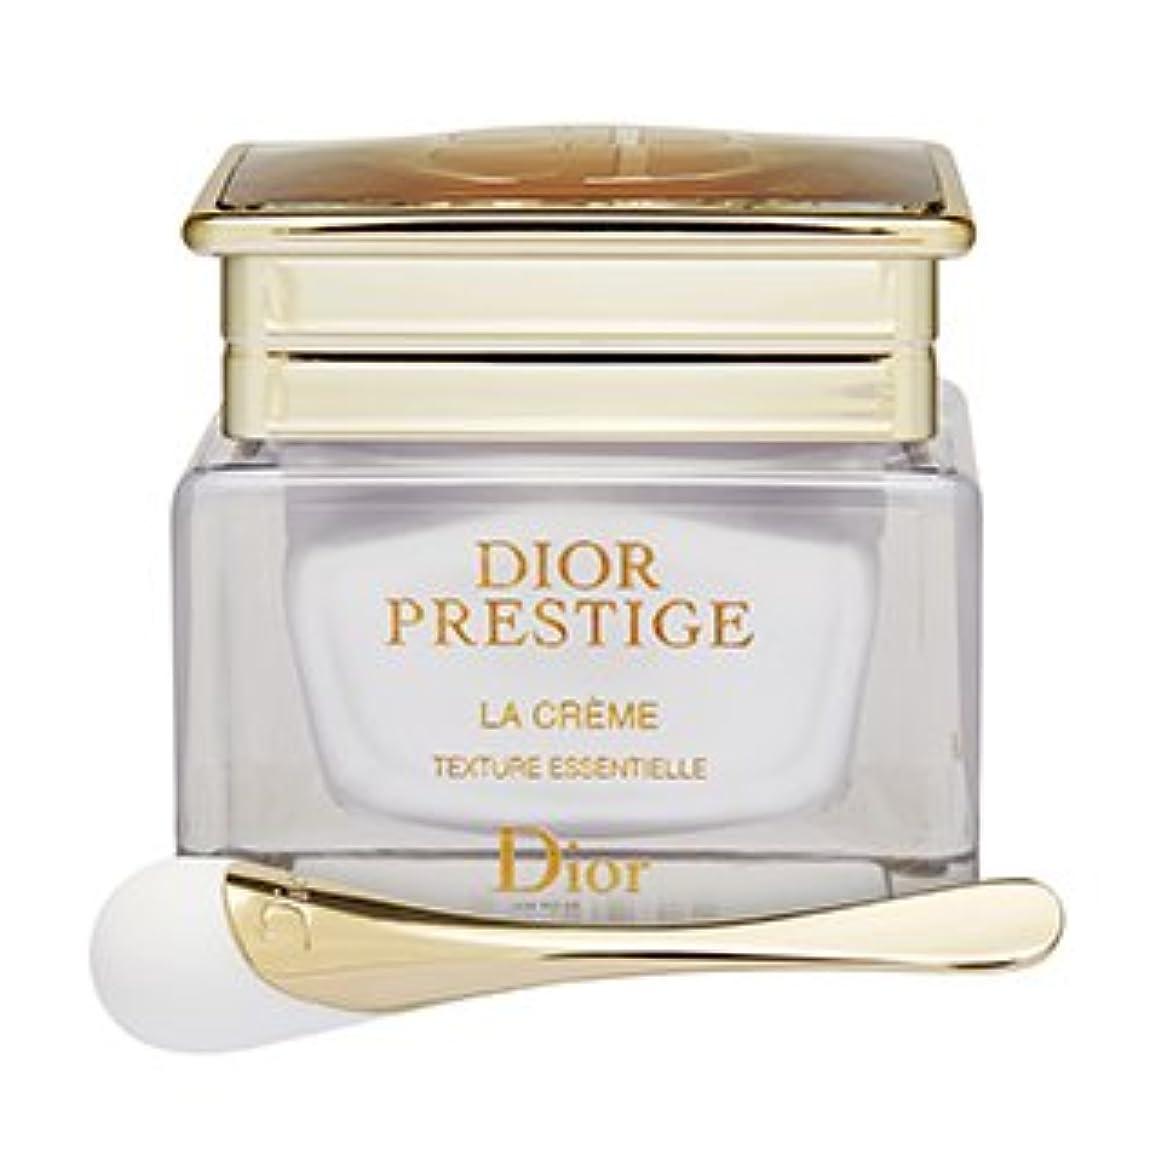 礼拝スパイ充実ディオール(Dior) プレステージ ラ クレーム - 極上のテクスチャー [並行輸入品]